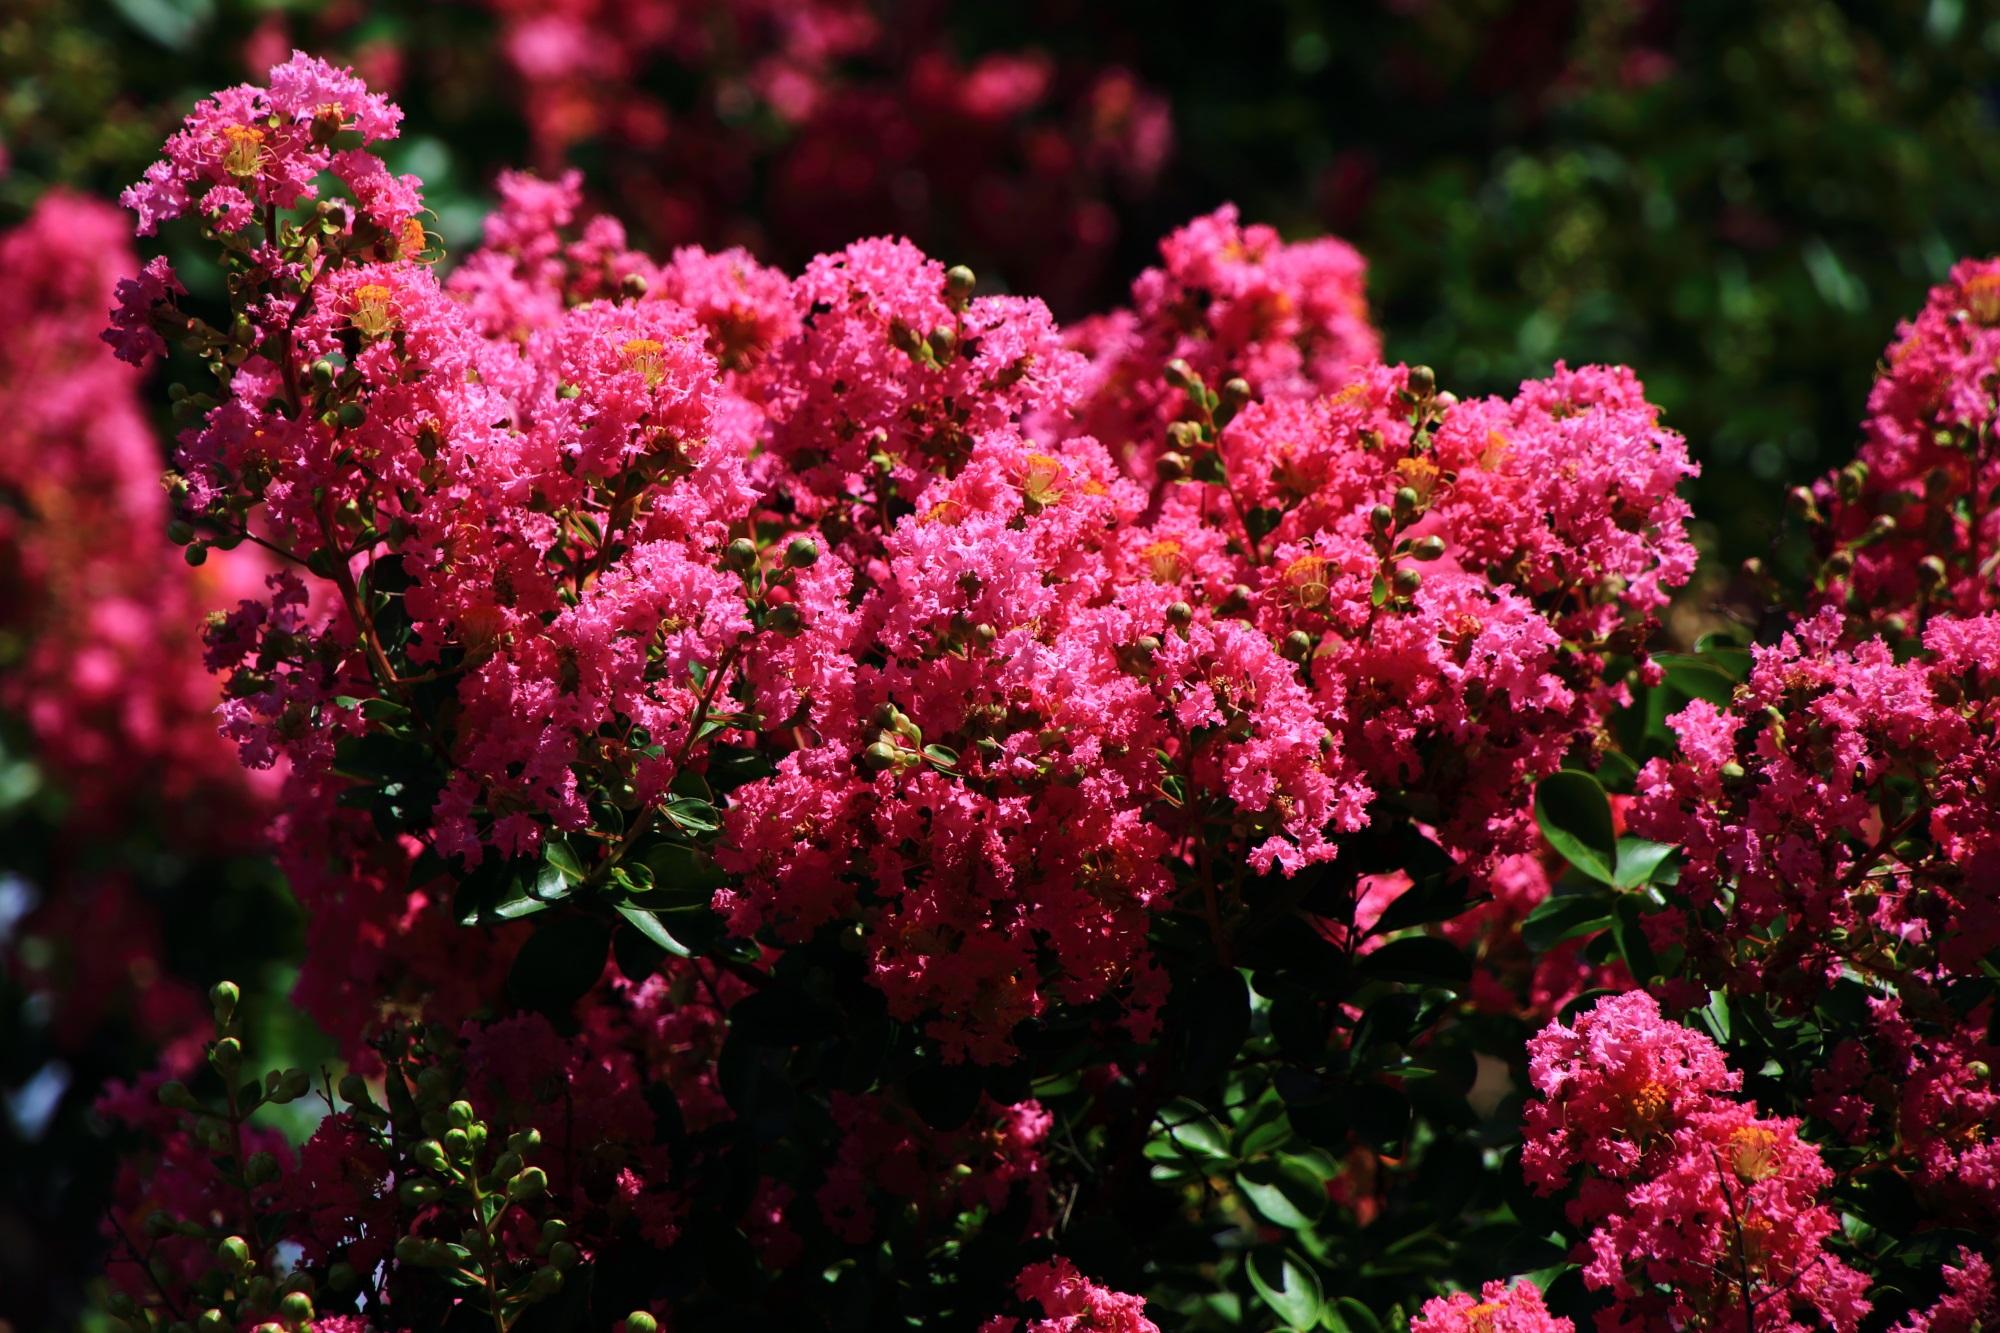 溢れる本隆寺の百日紅の鮮やかなピンクの花